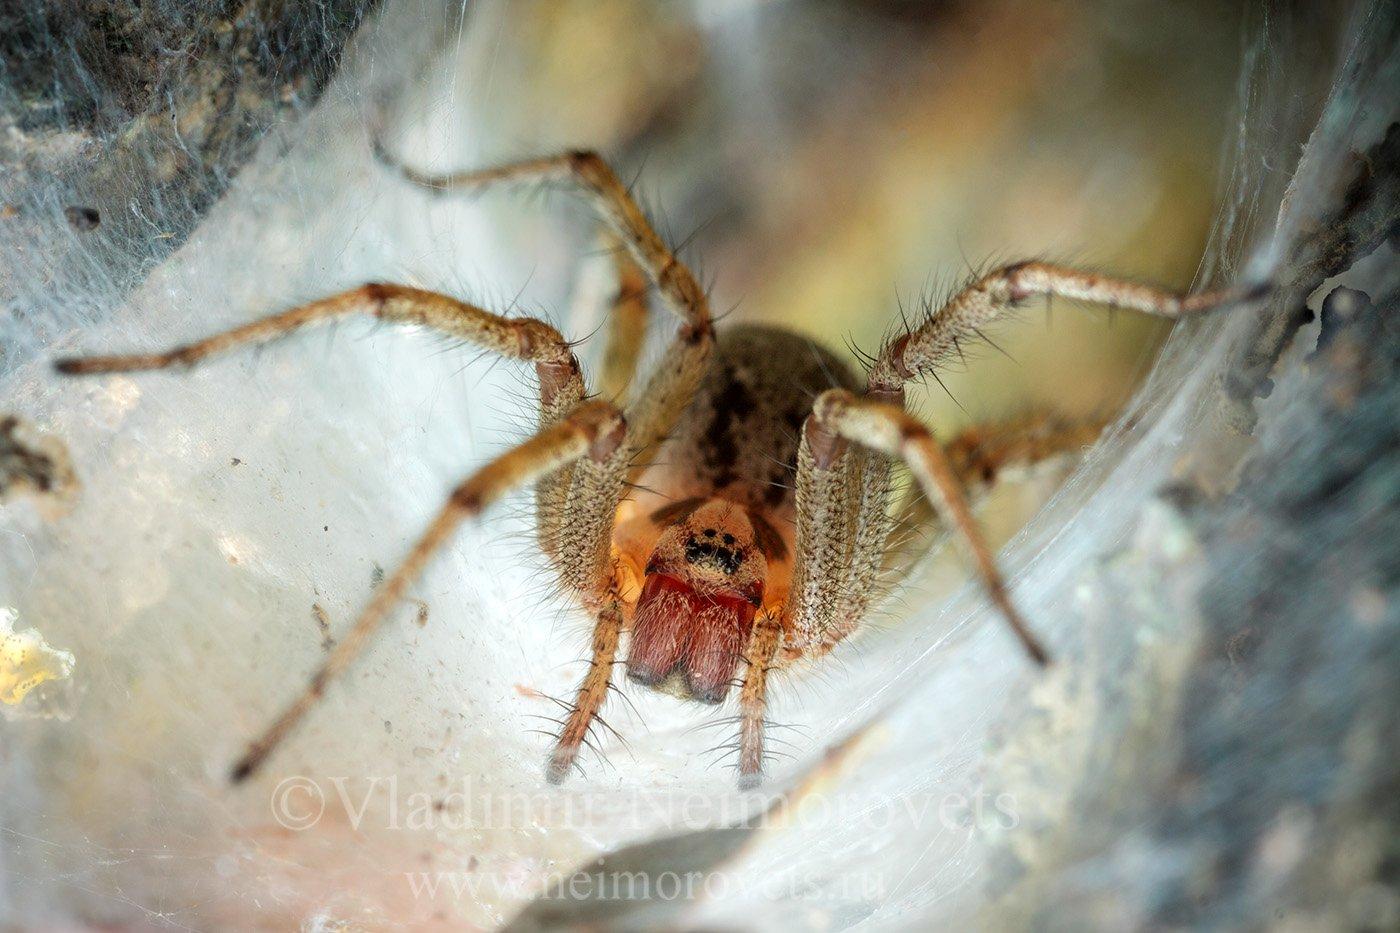 agelena orientalis, agelenidae. web, caucasus, krasnodar territory, north west caucasus, northwestern caucasus, russia, grass spider, паук, spider, Владимир Нейморовец